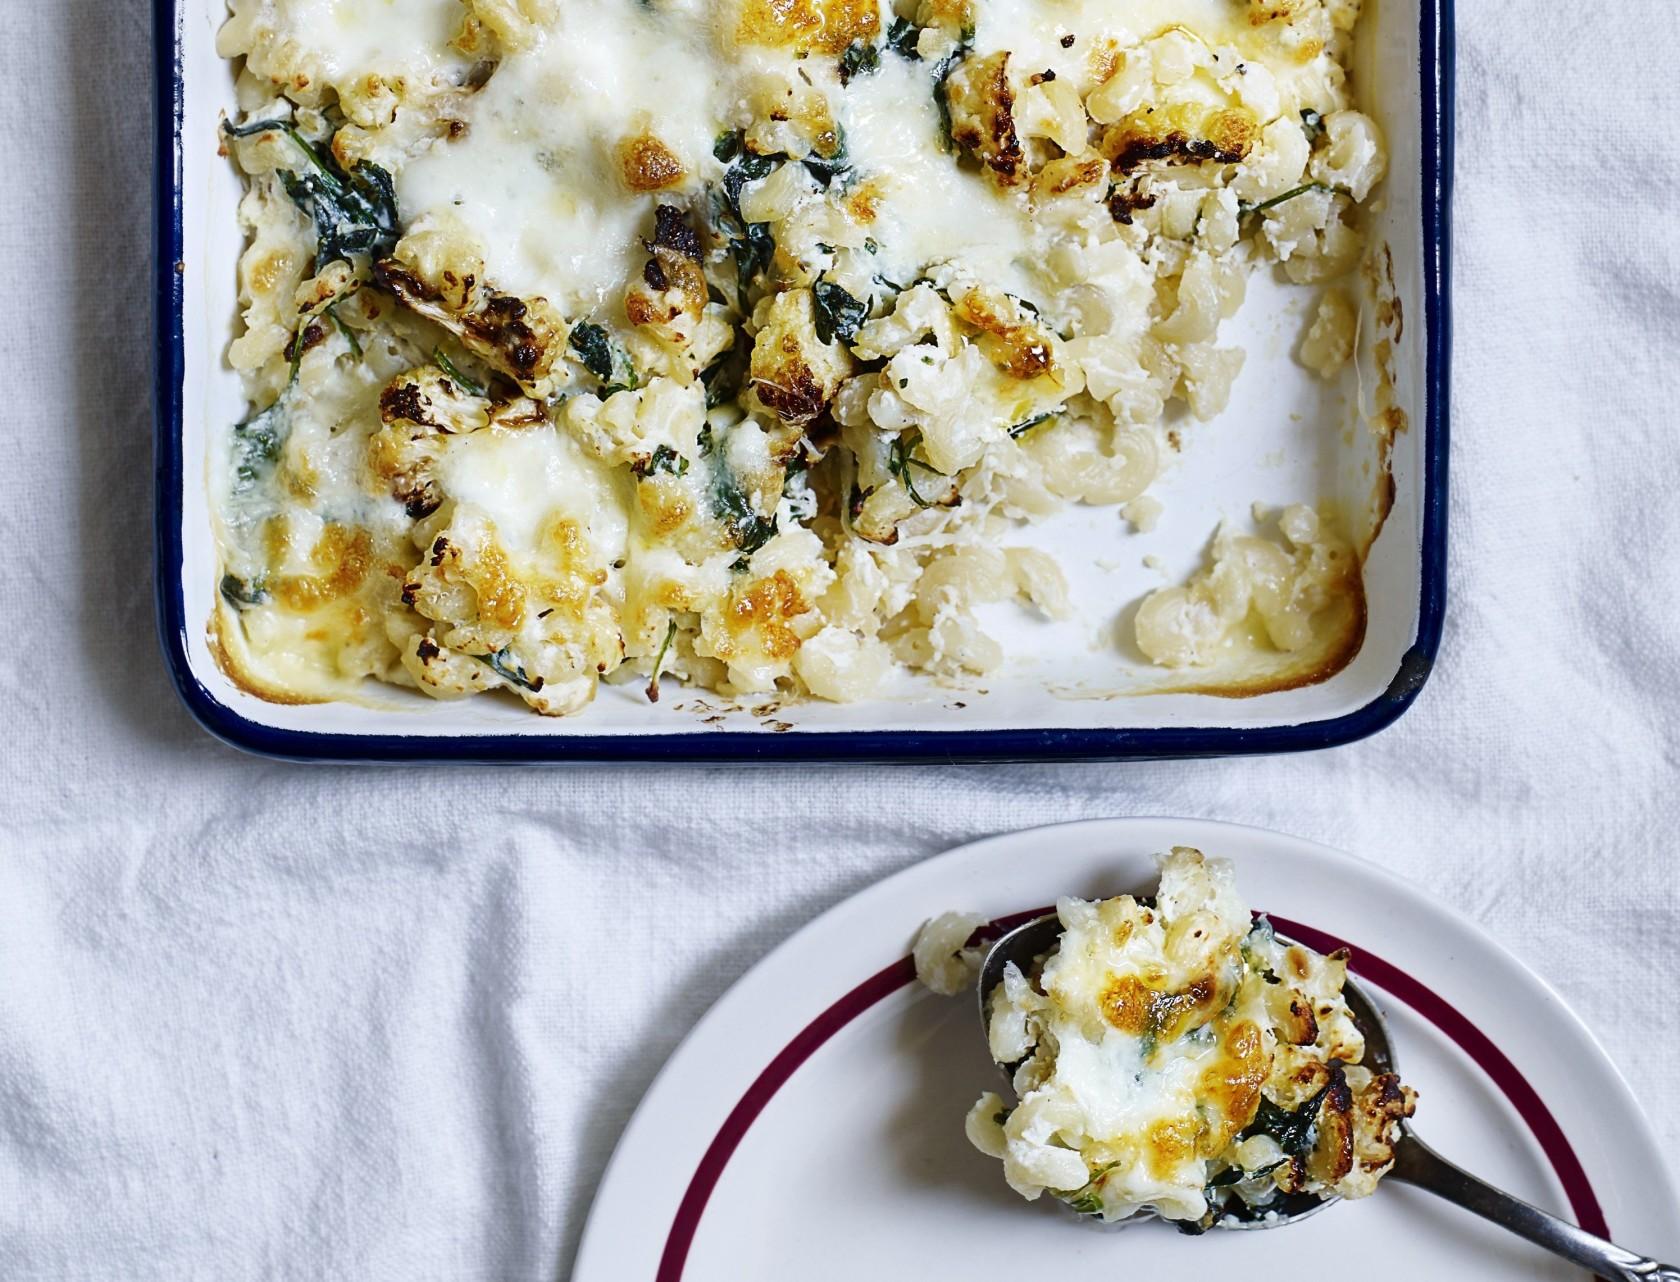 Mac'n'cheese med blomkål - lækker opskrift på en sundere udgave af den klassiske ret.